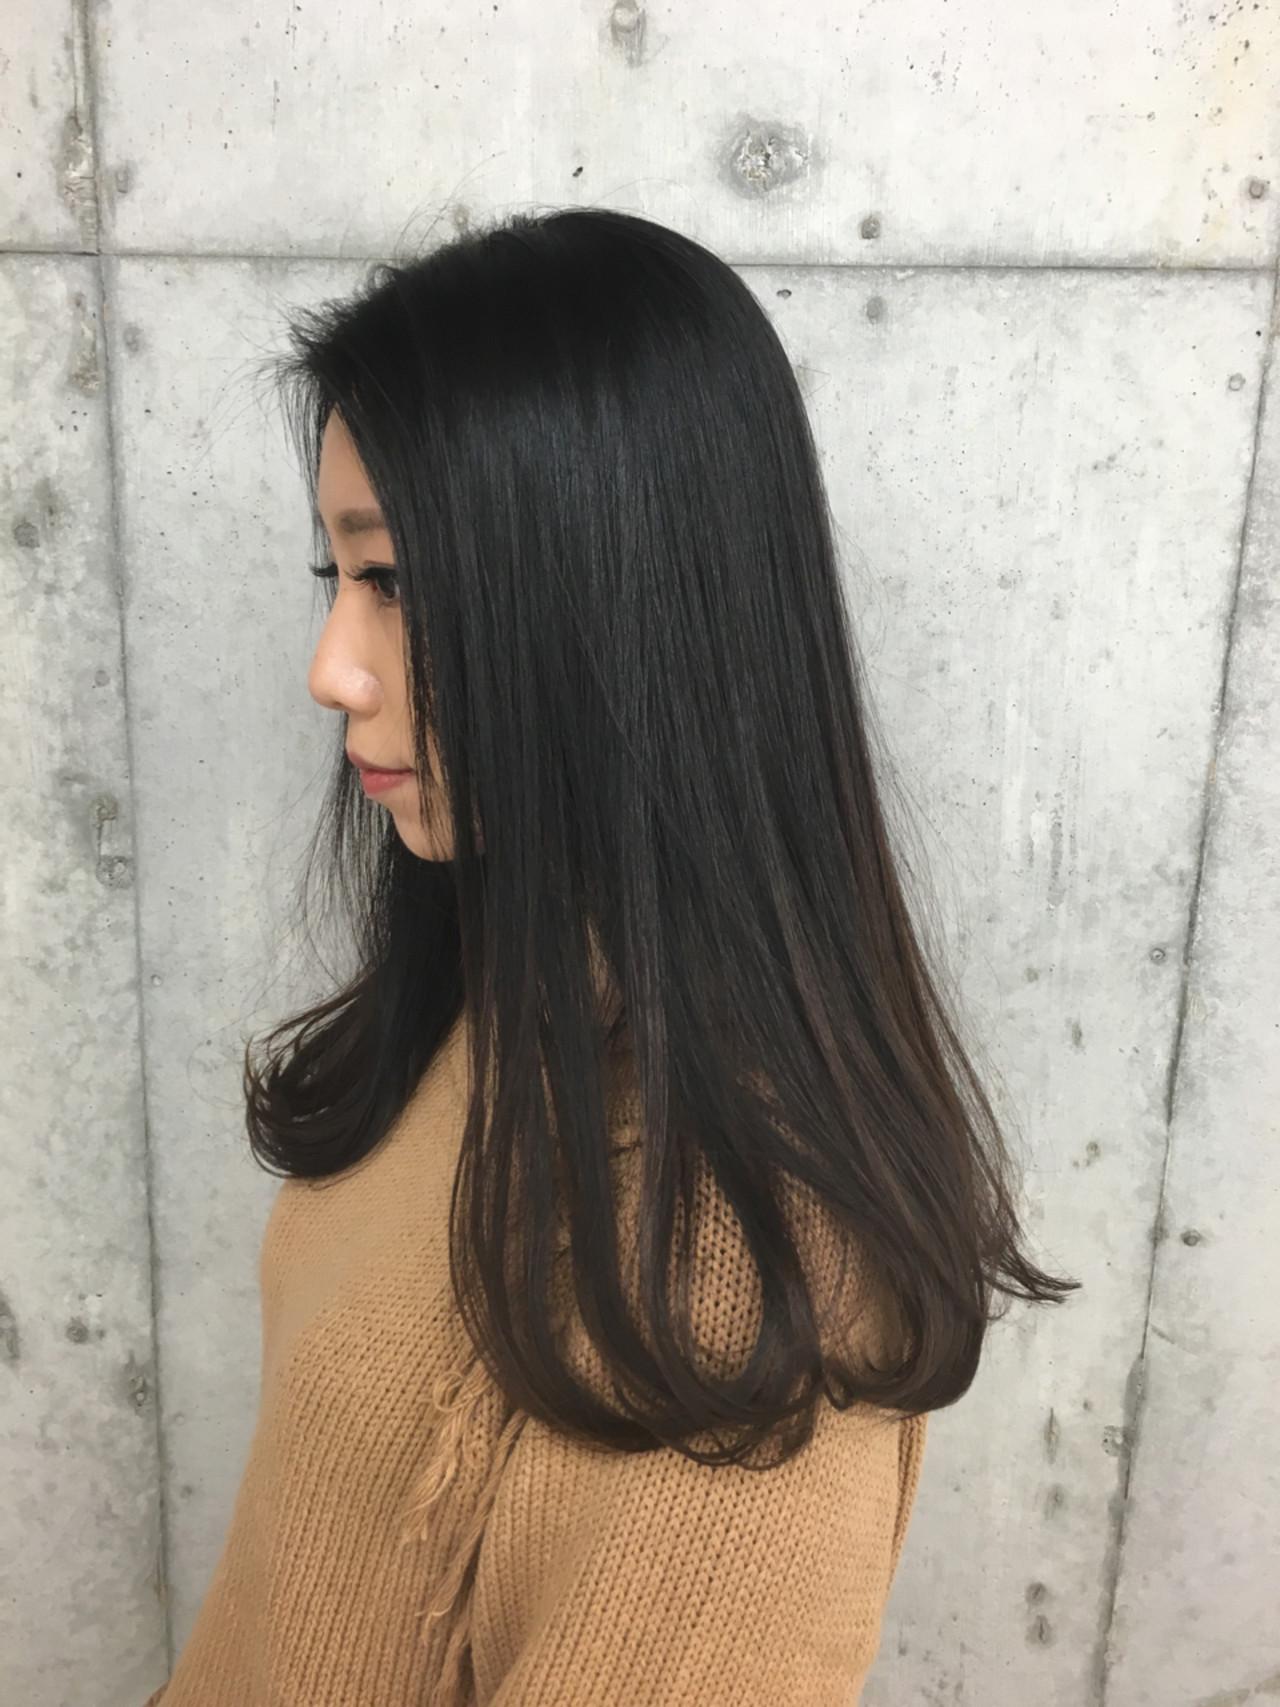 清楚で清潔感溢れる黒髪ロングヘア 関根慶介